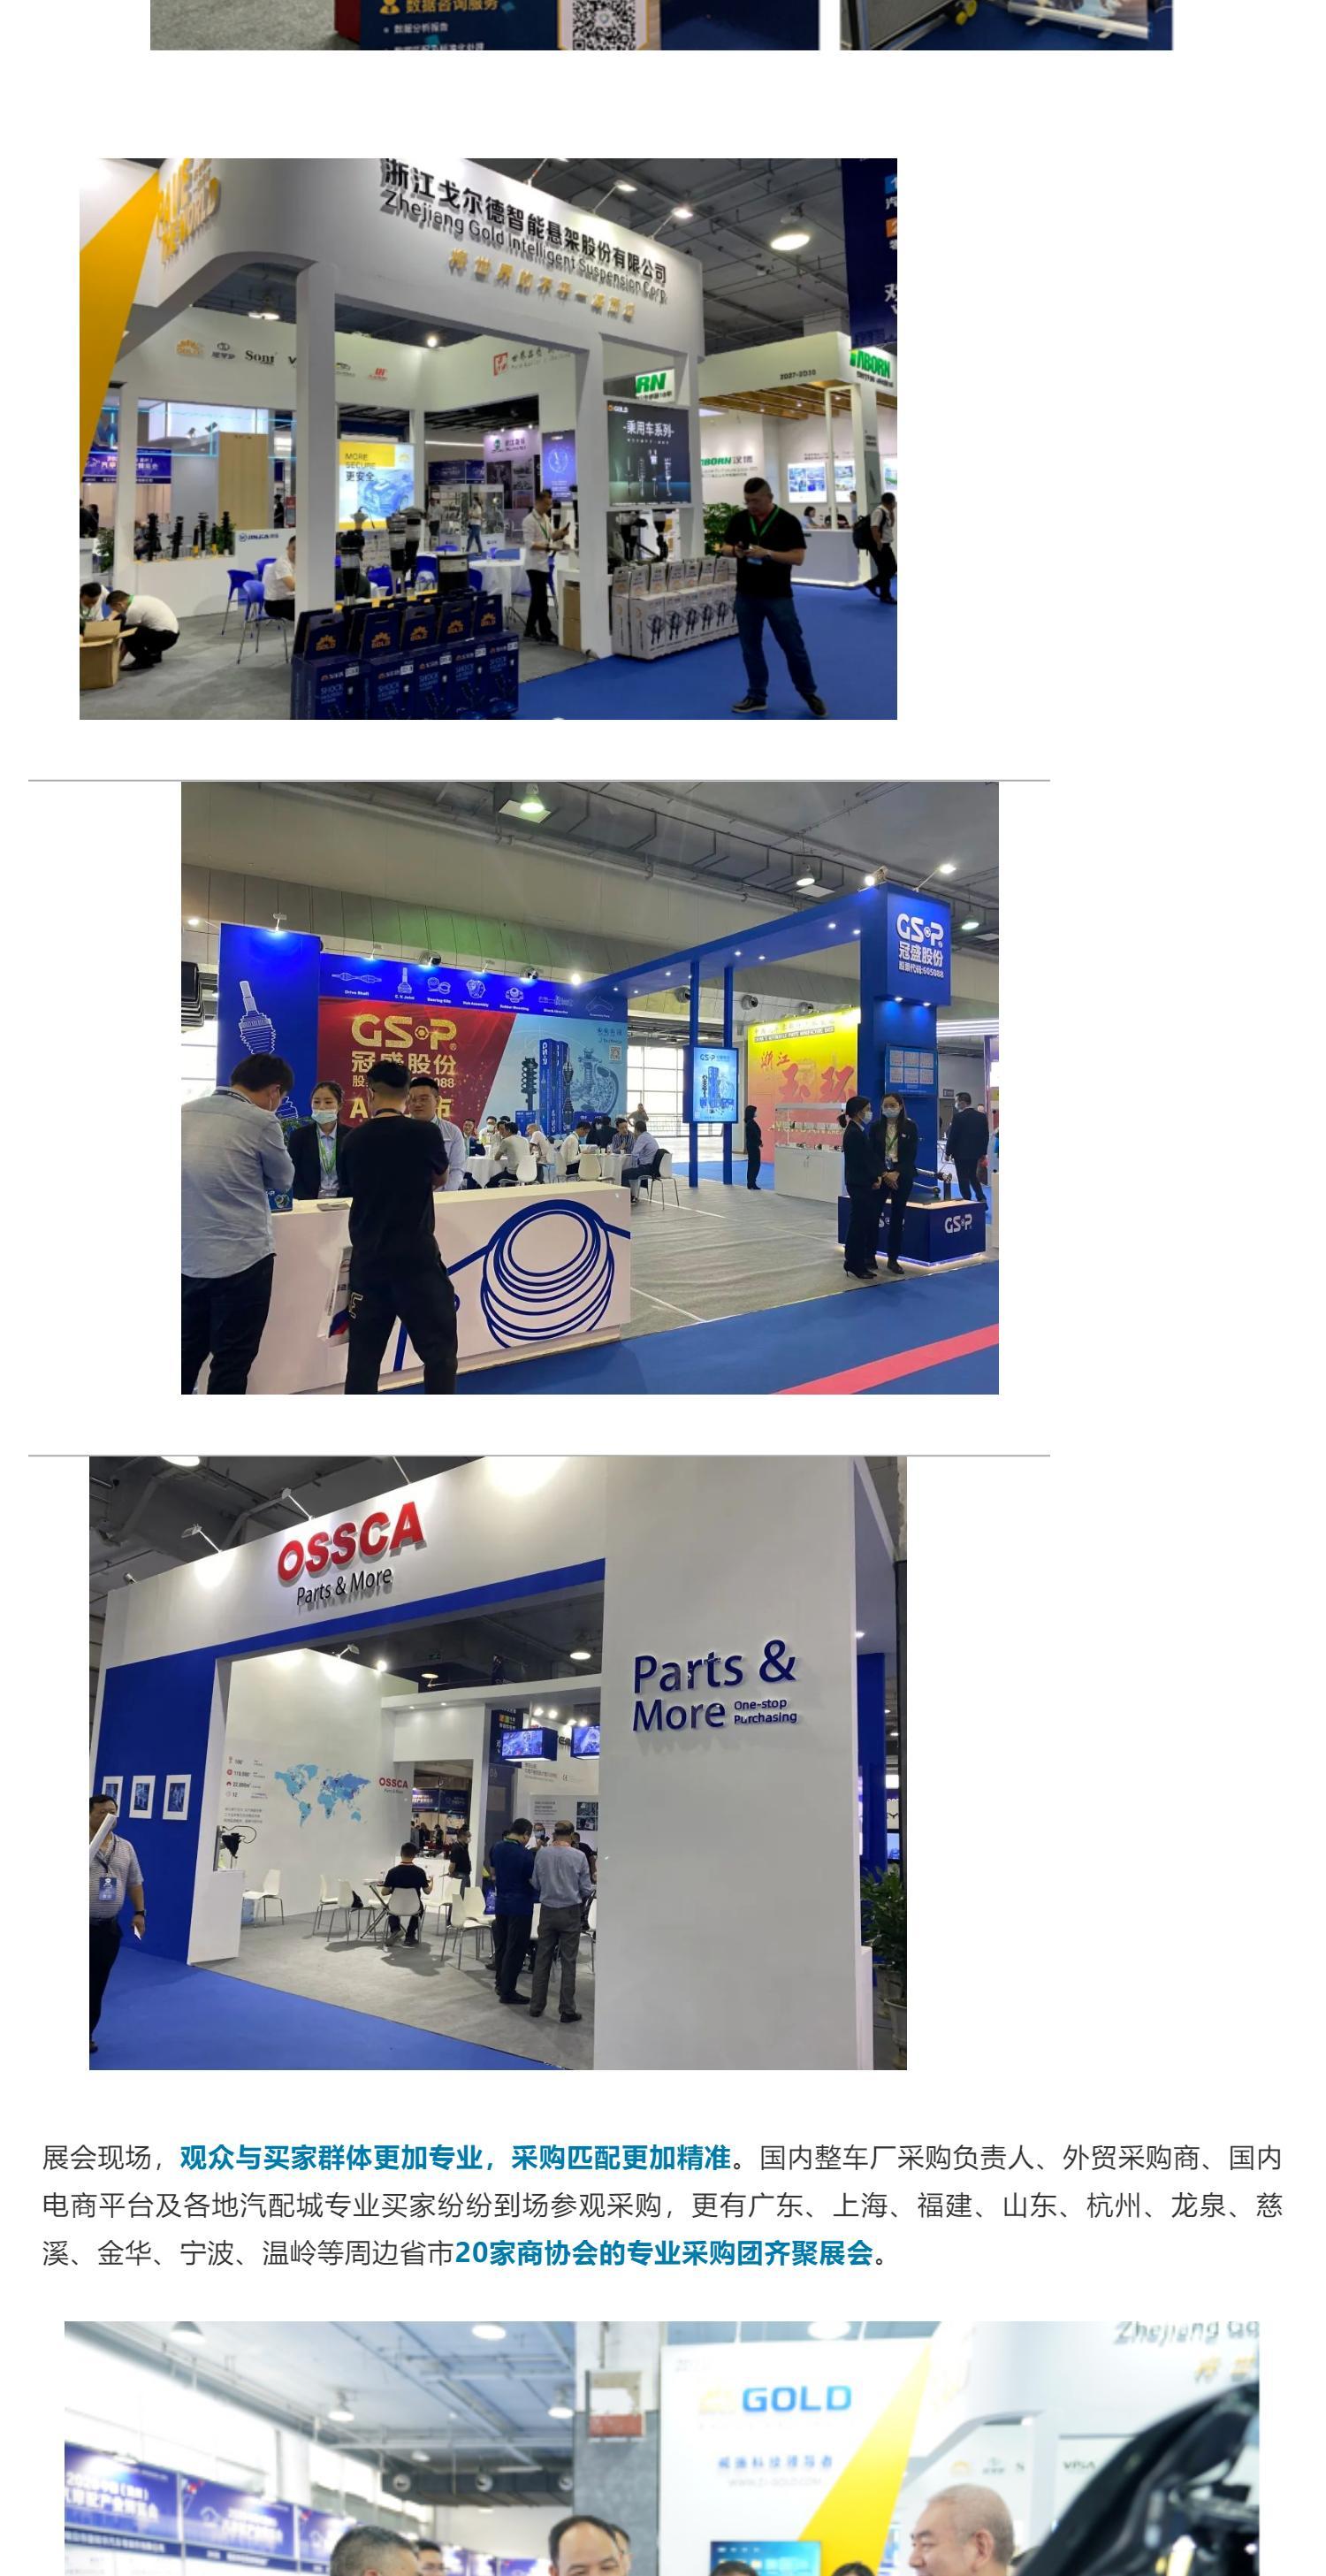 泰案联&合作伙伴 _ 2020中国(温州)汽摩配产业博览会_壹伴长图2